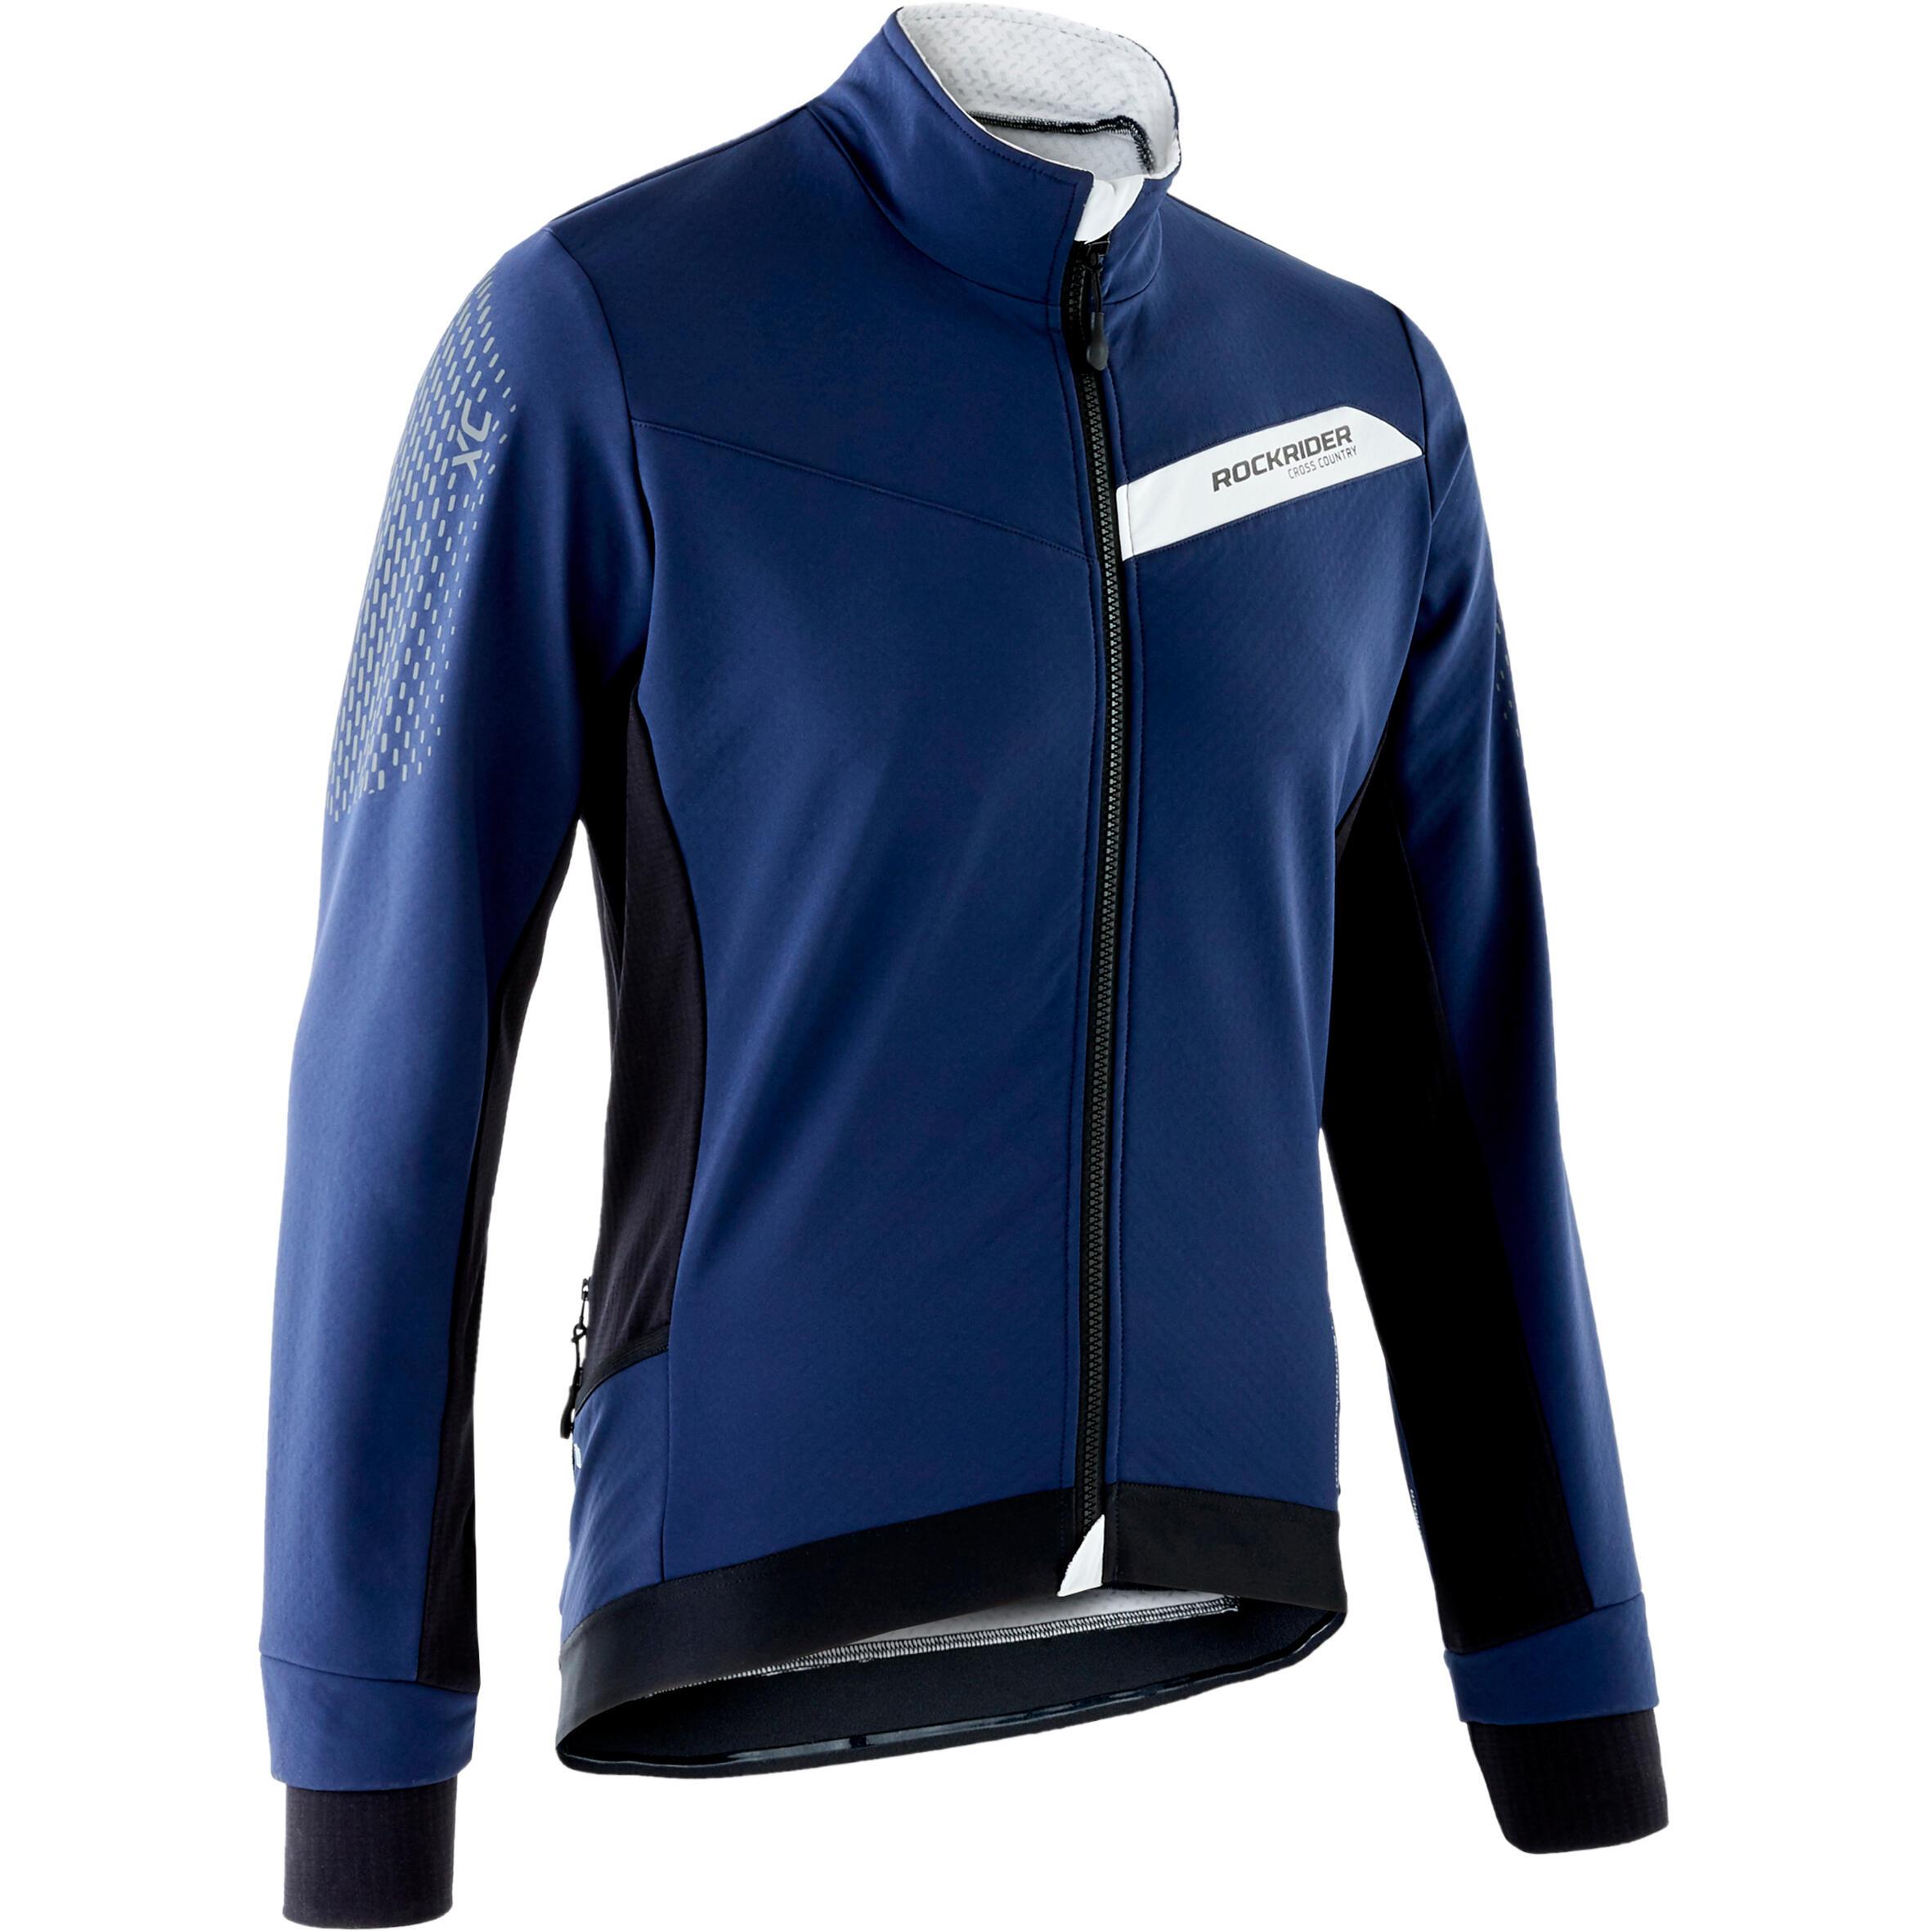 Fahrradjacke MTB XC Slim Fit   Sportbekleidung > Sportjacken > Fahrradjacken   Rockrider